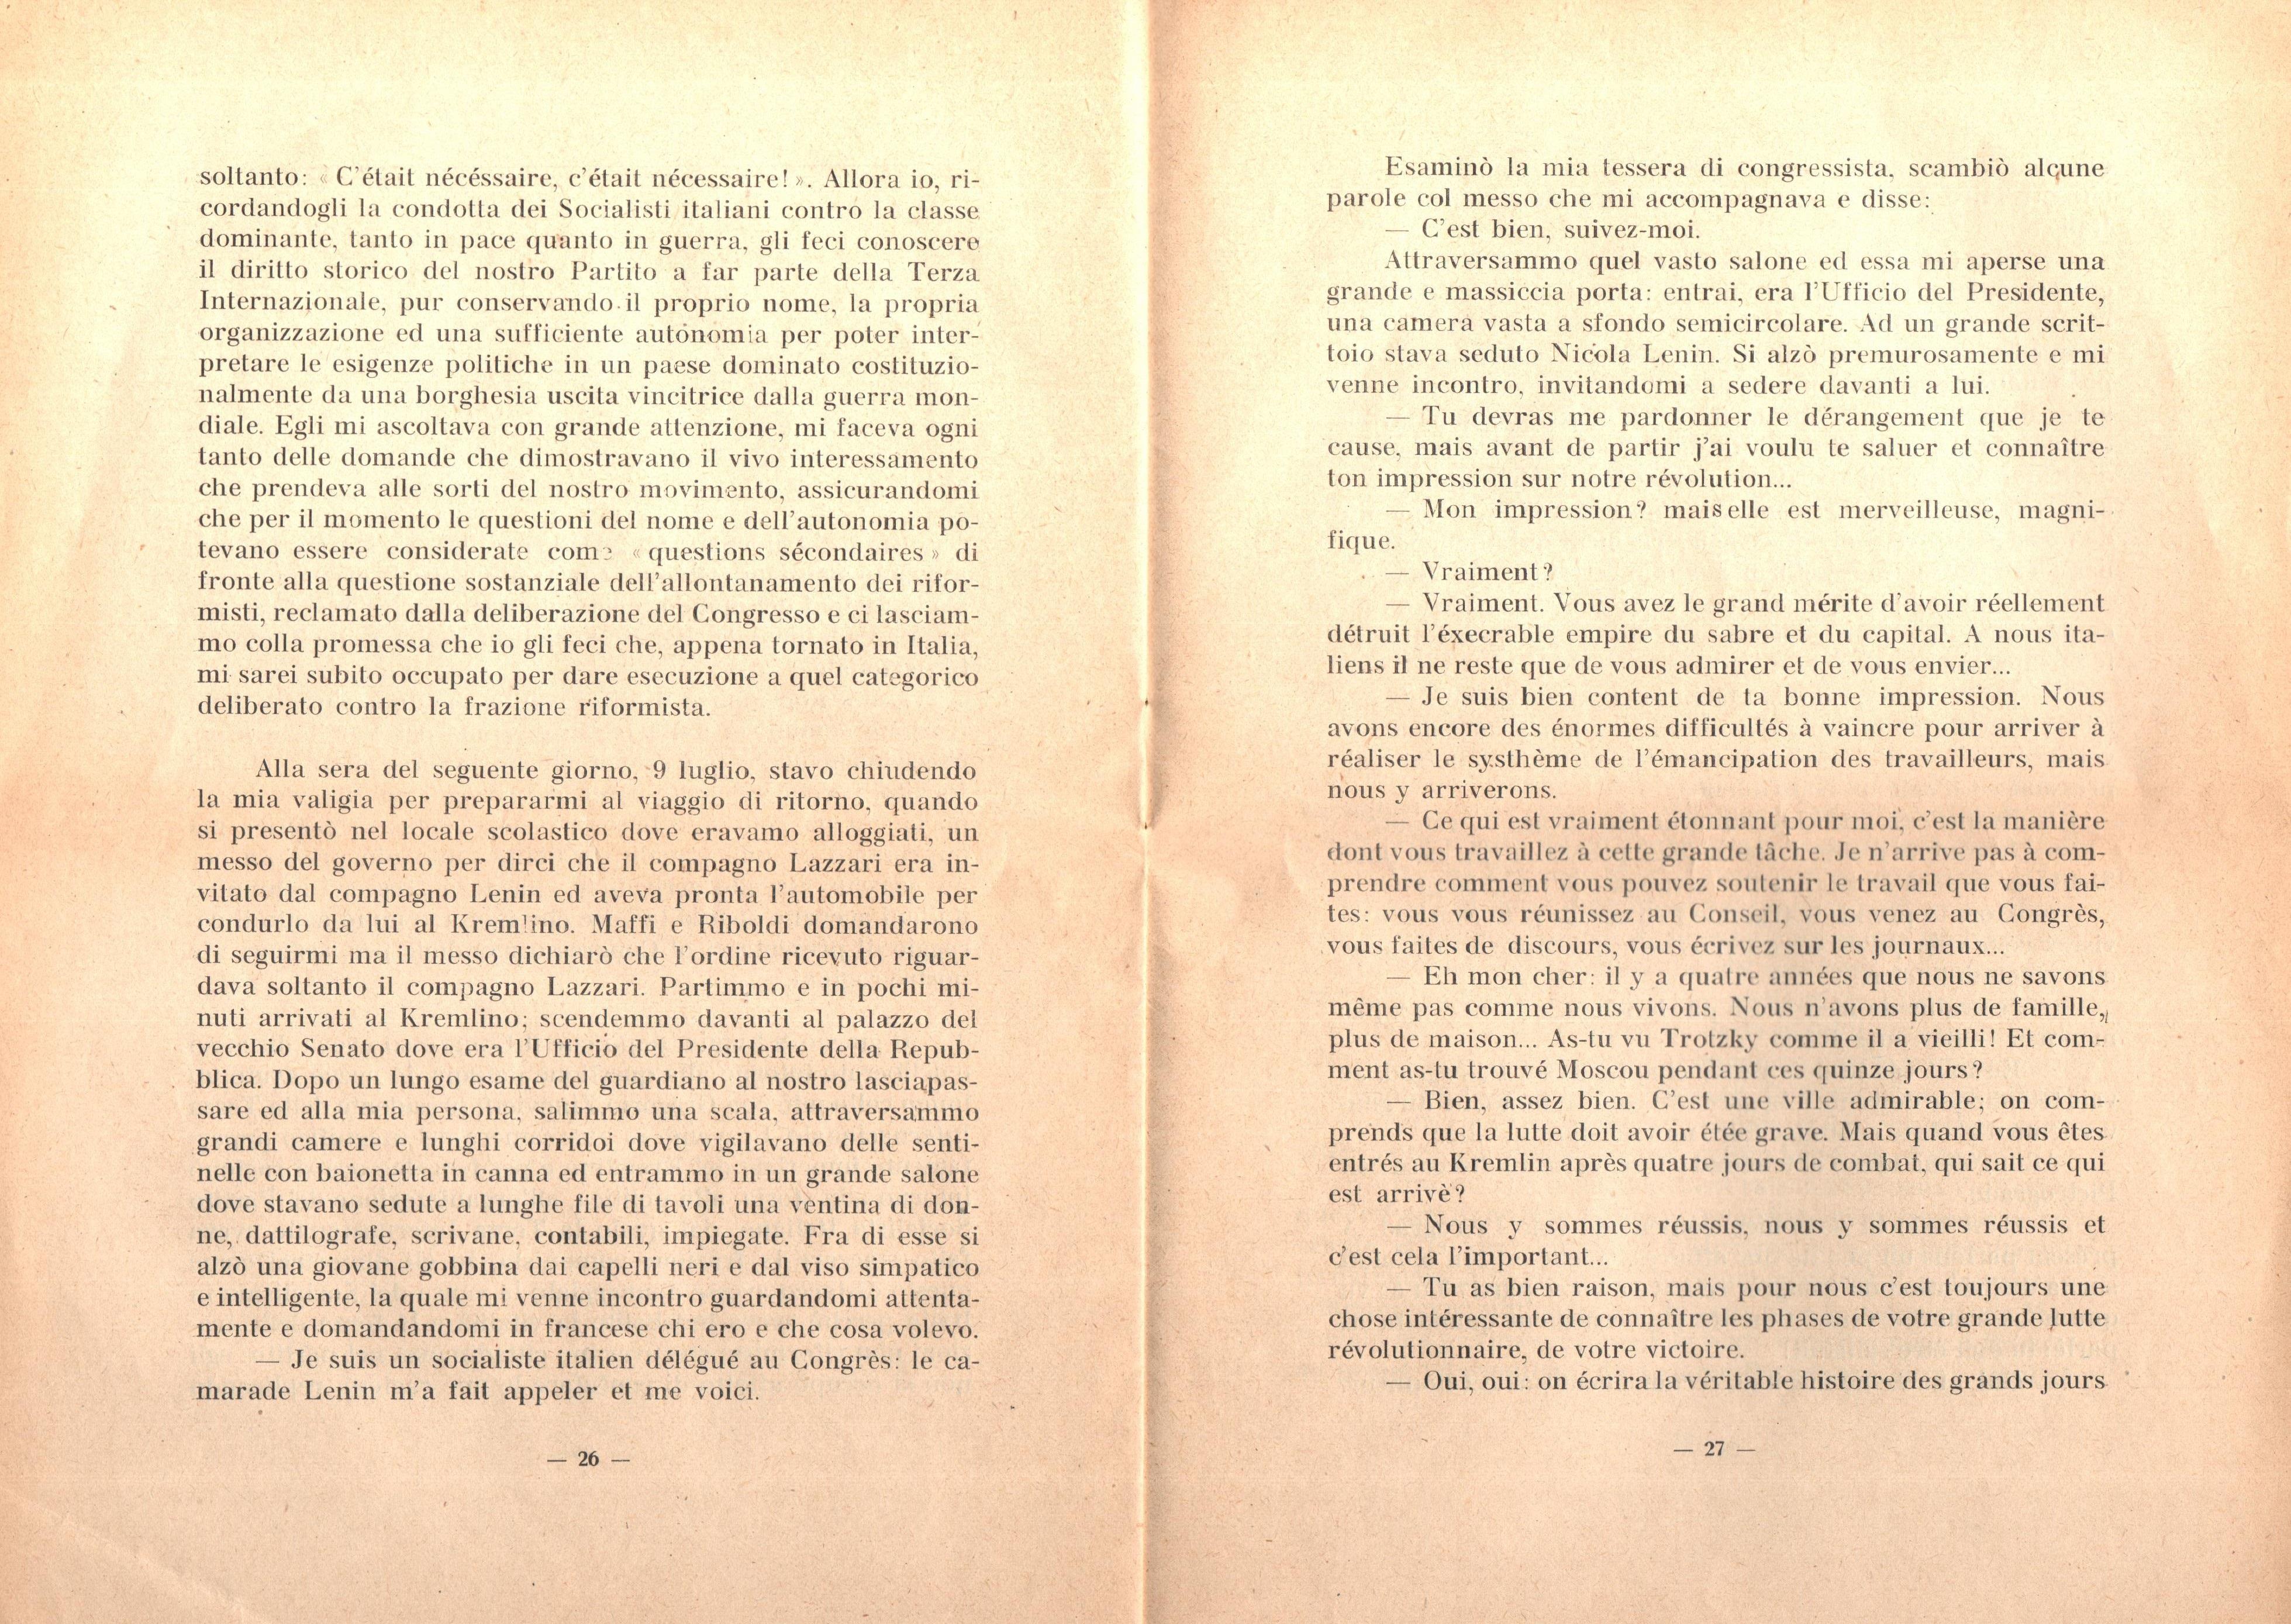 C. Lazzari, Il mio ultimo colloquio con Nicola Lenin - pag. 15